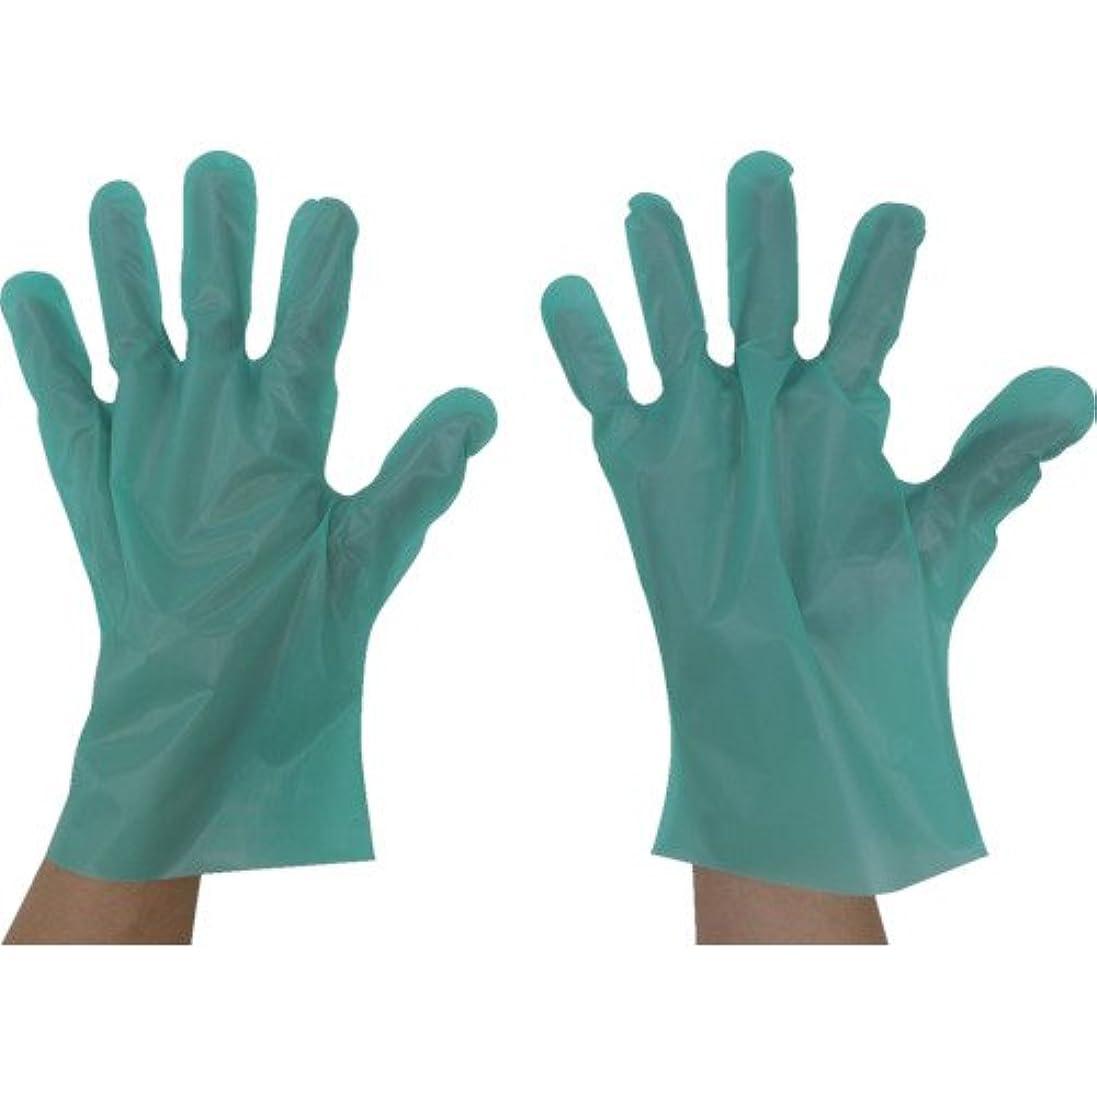 おとなしい中央値尾東京パック エンボス手袋五本絞りエコノミー化粧箱S グリーン GEK-S